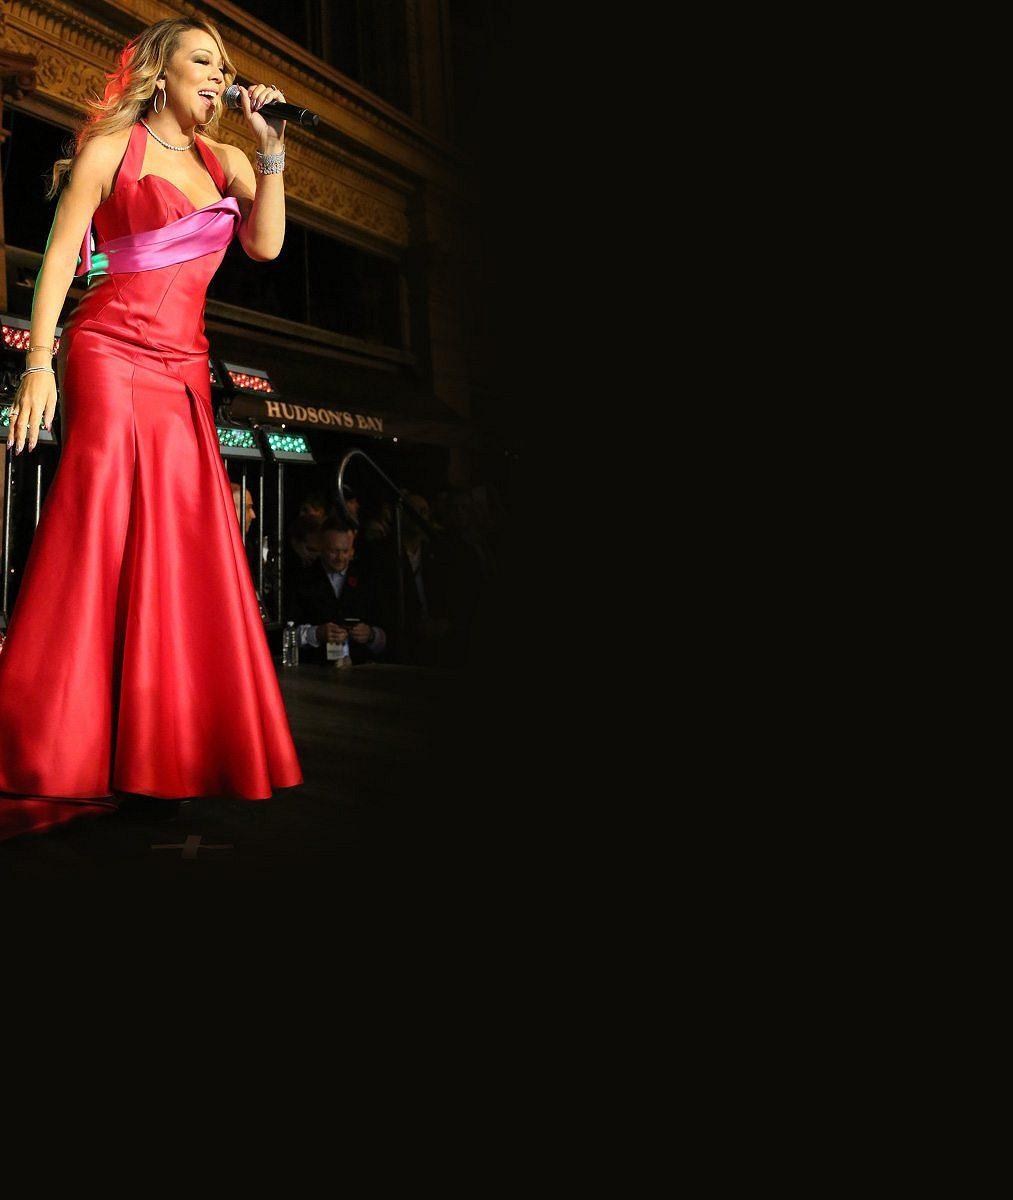 Už zase nezná svoji velikost? Mariah Carey přetékala bujná ňadra z příliš těsného outfitu